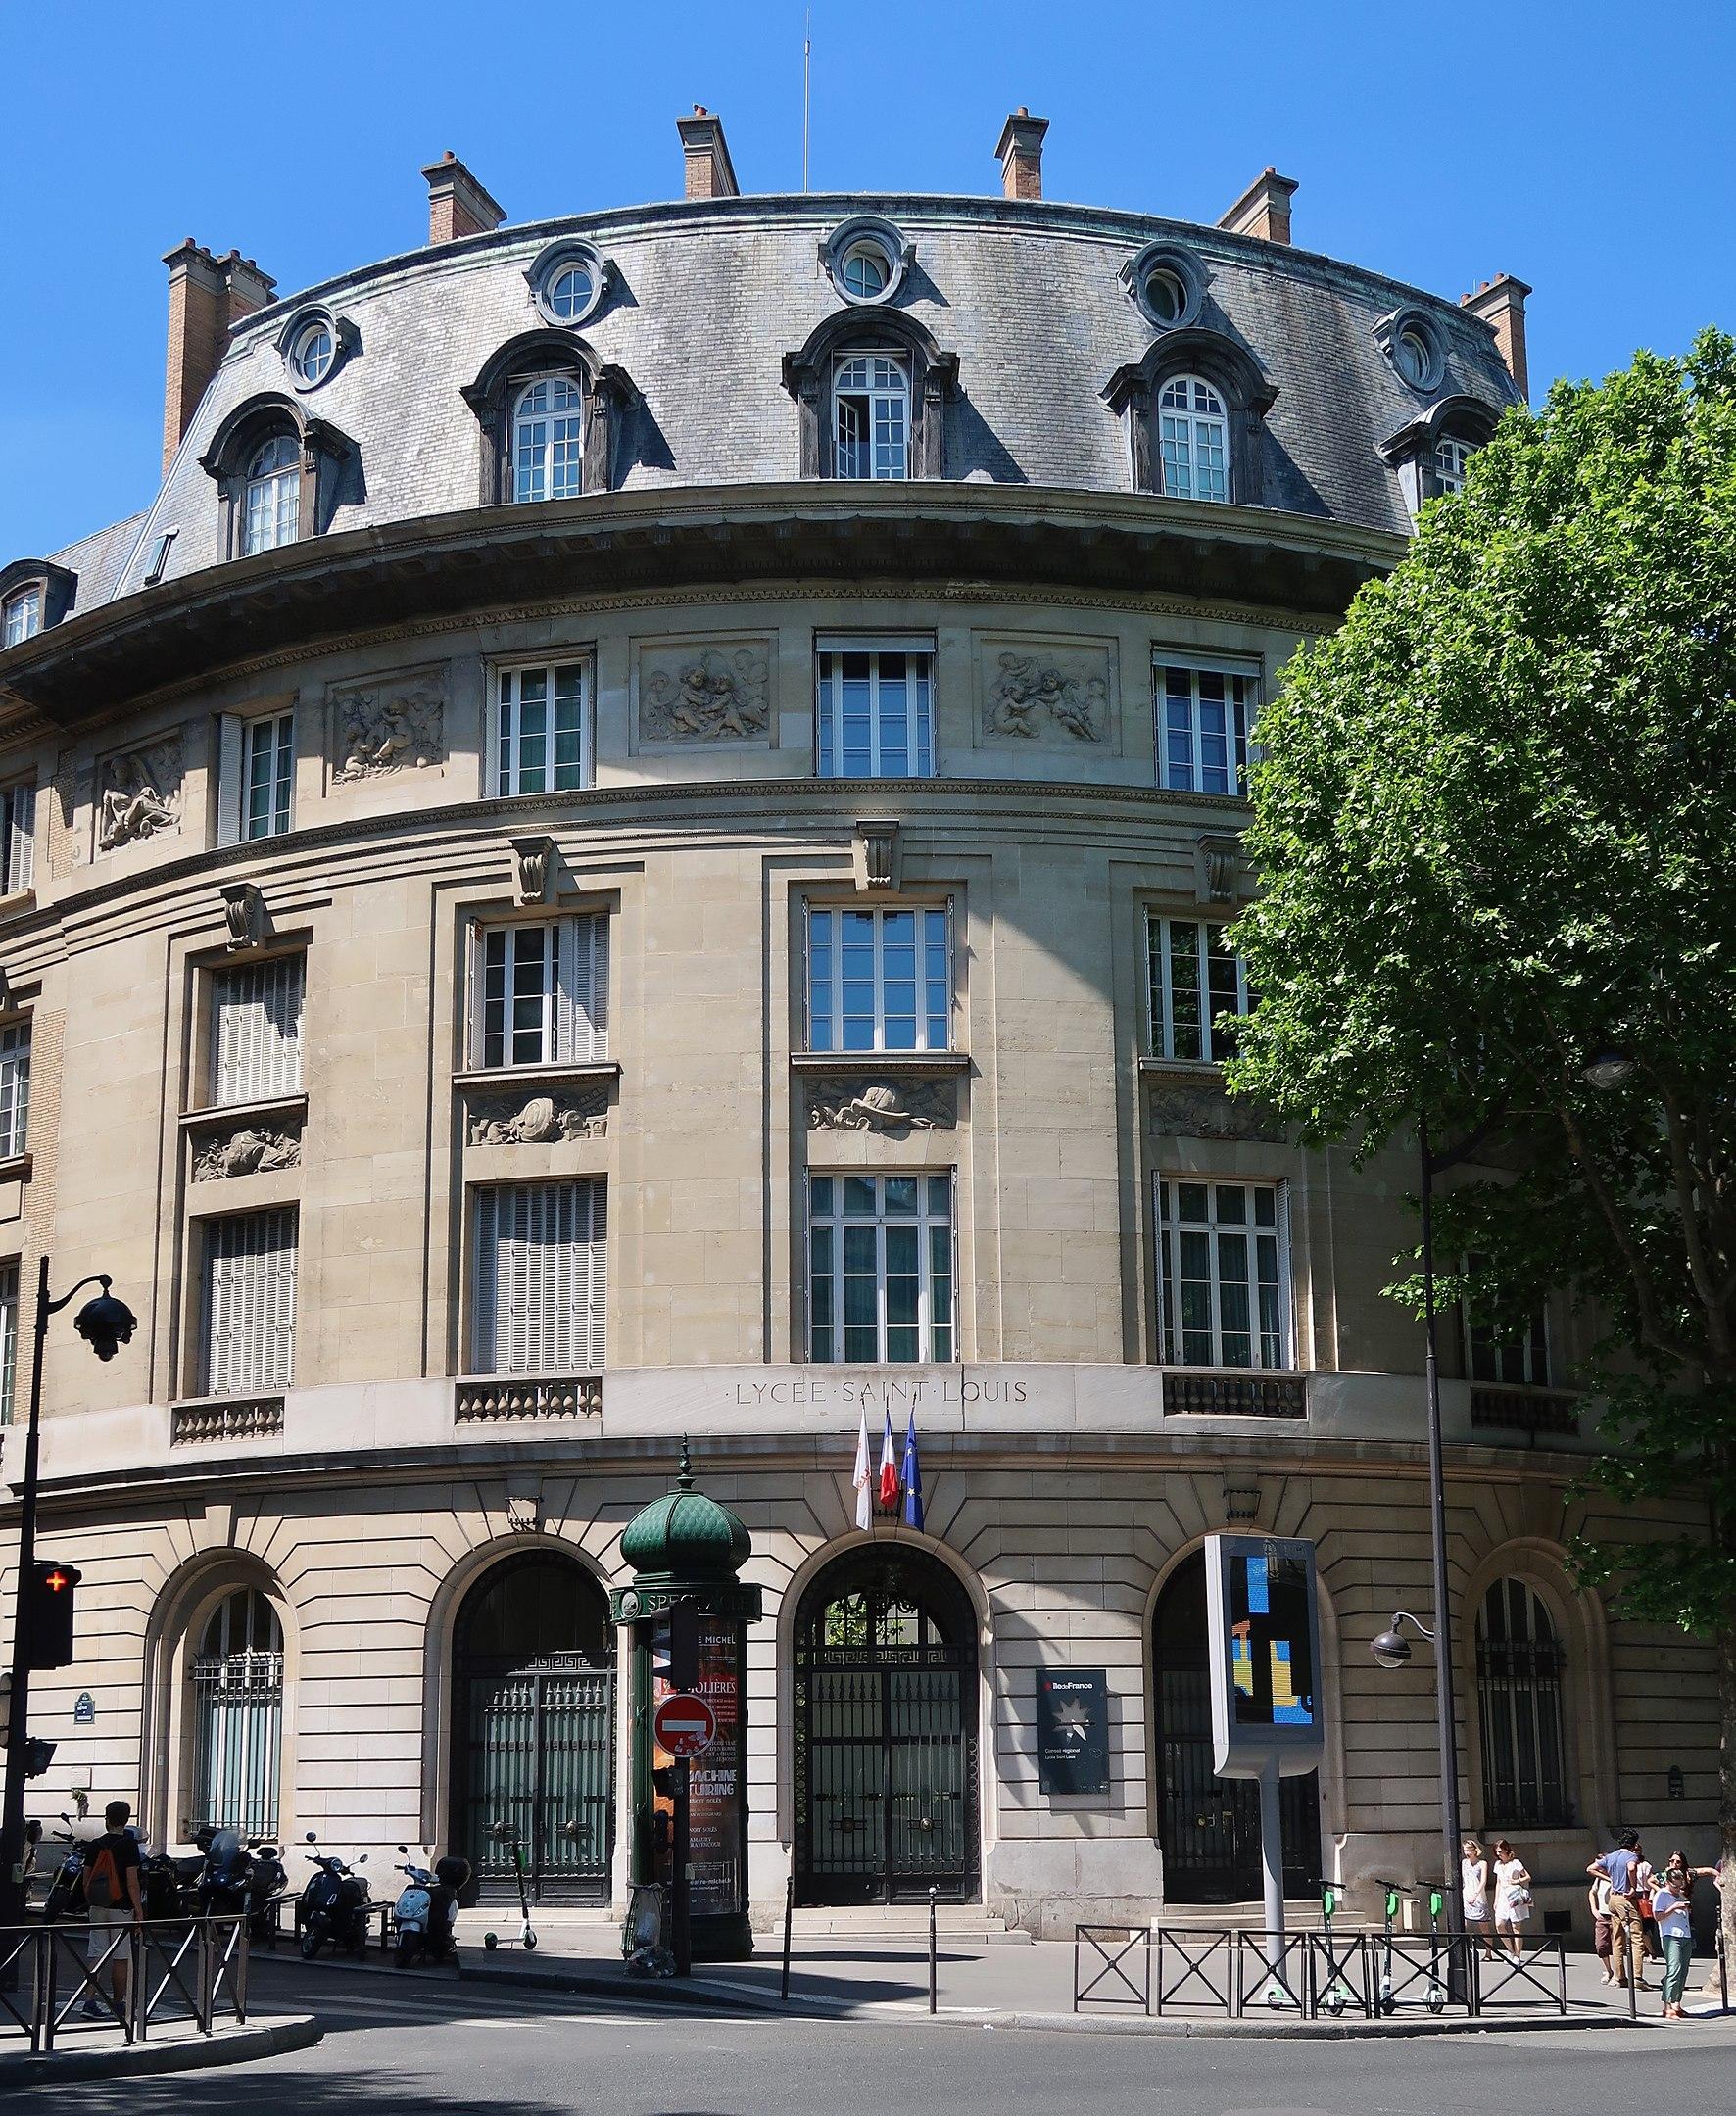 Lycée_Saint-Louis